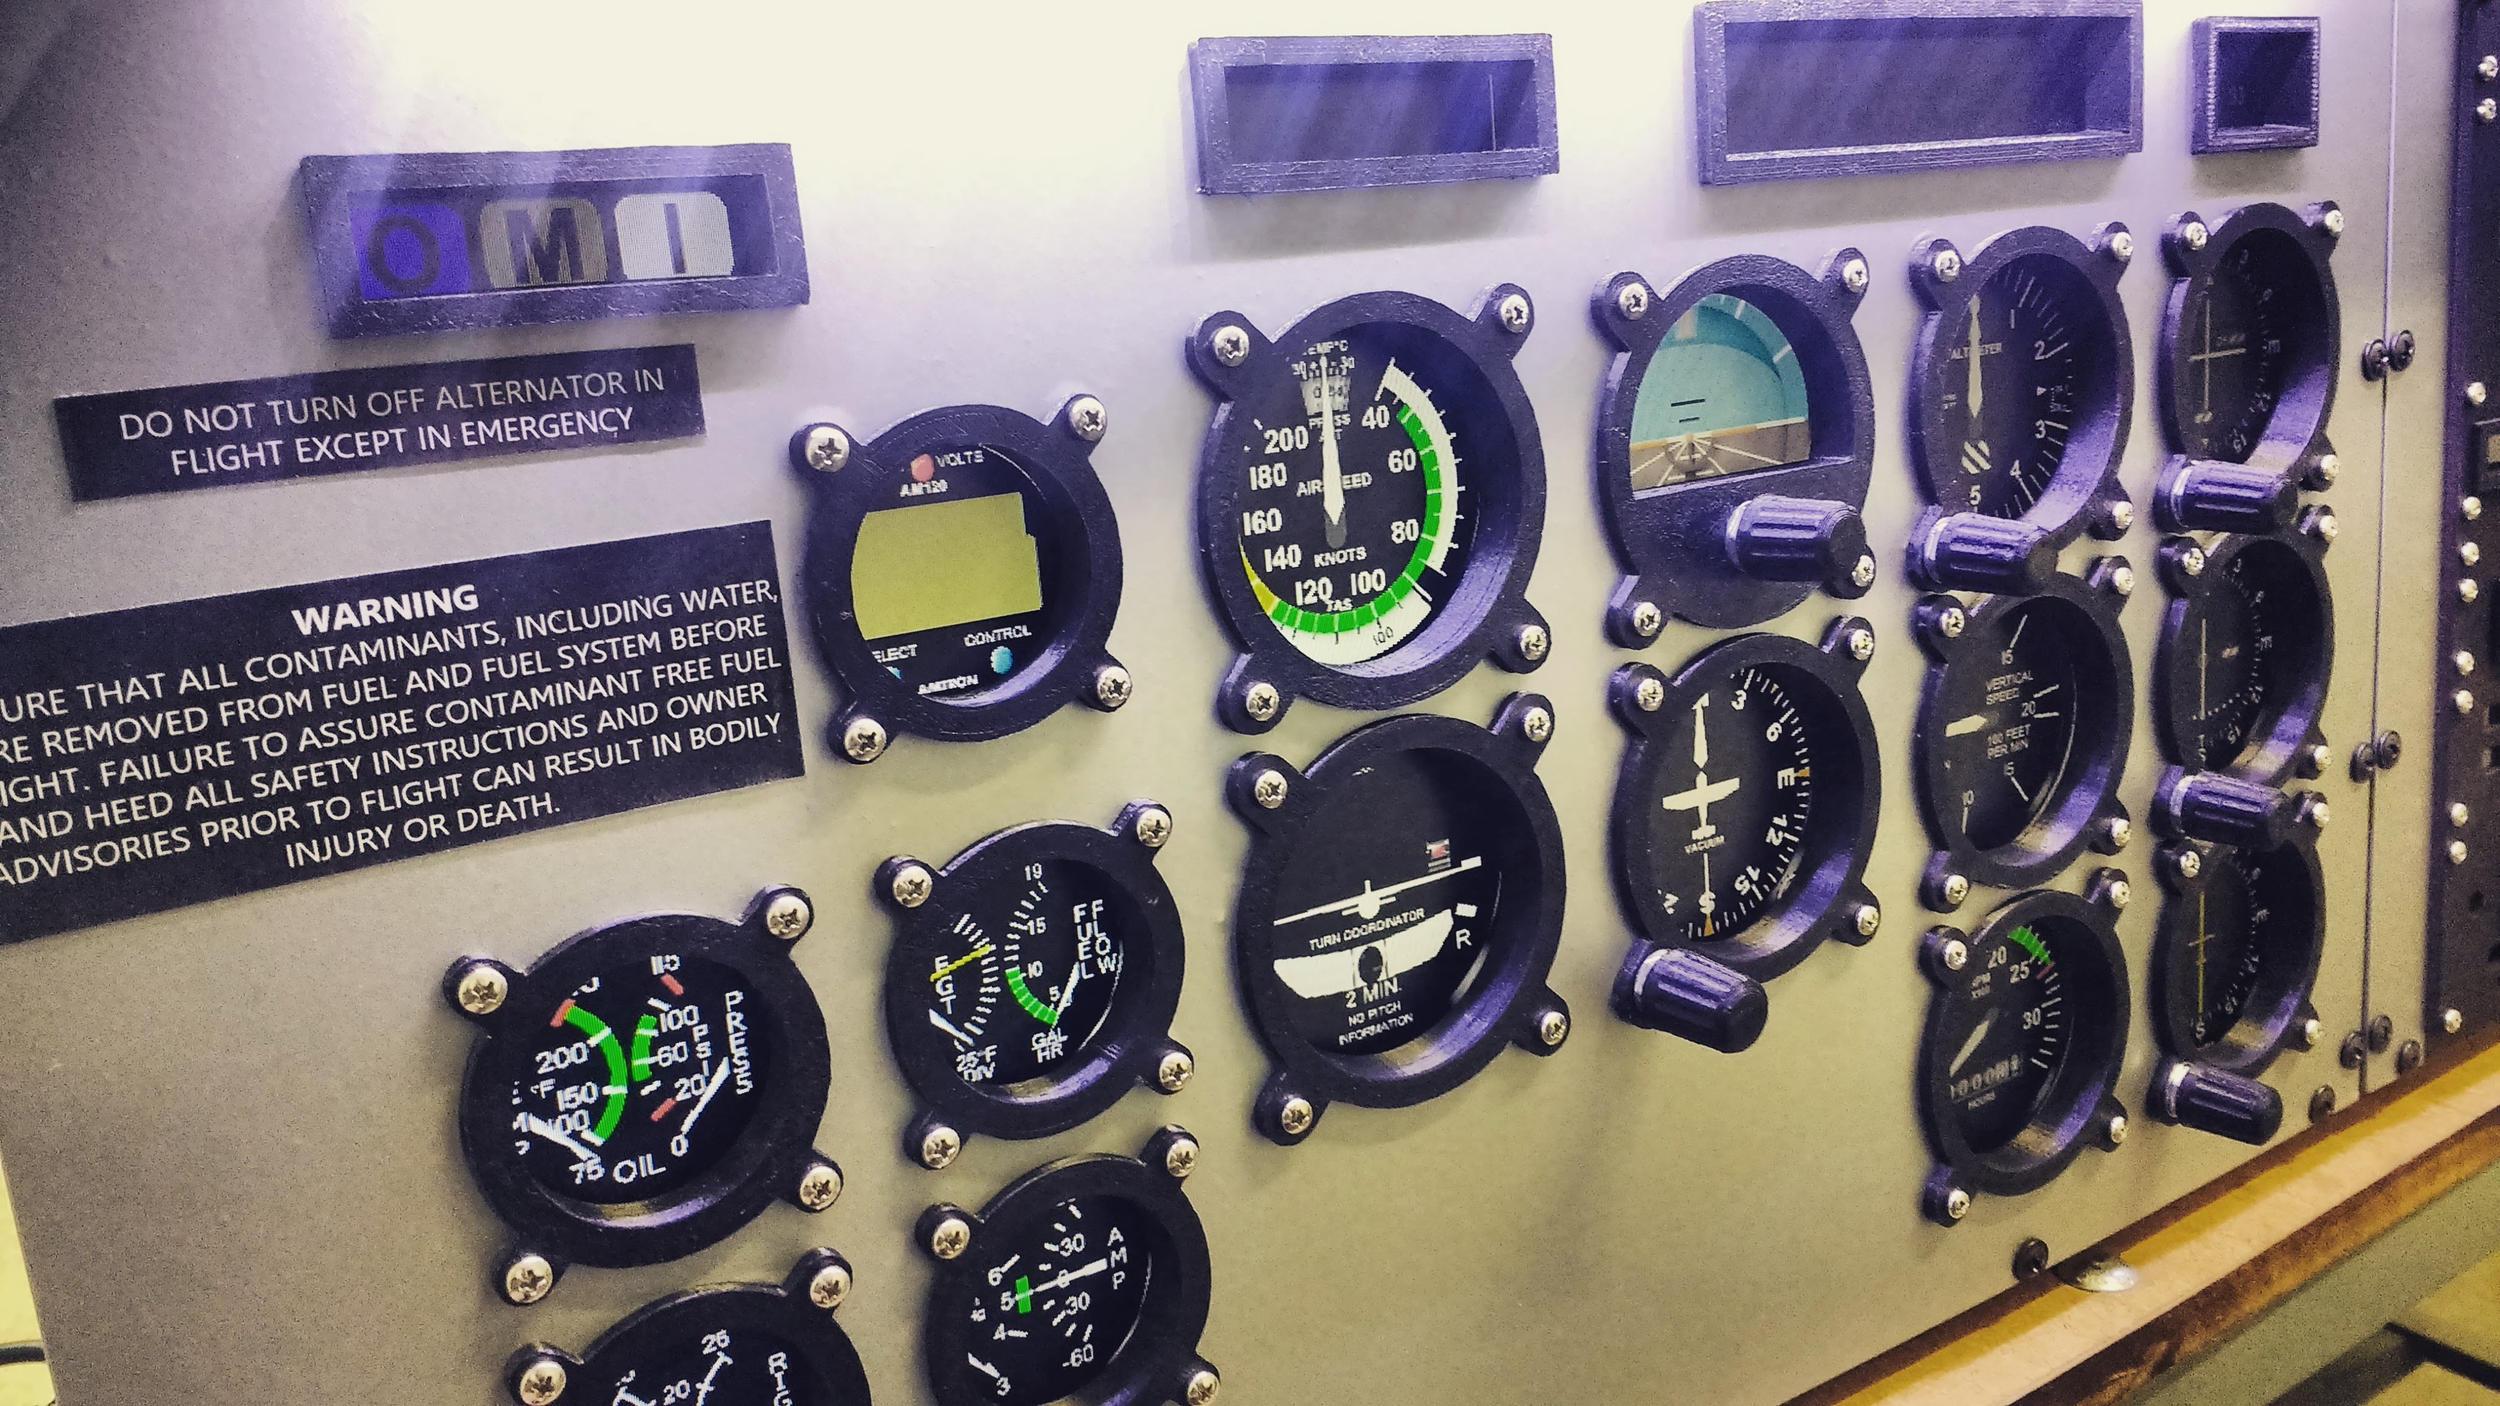 Simuladores De Voo | Mfsim Simuladores de voo | Brasil